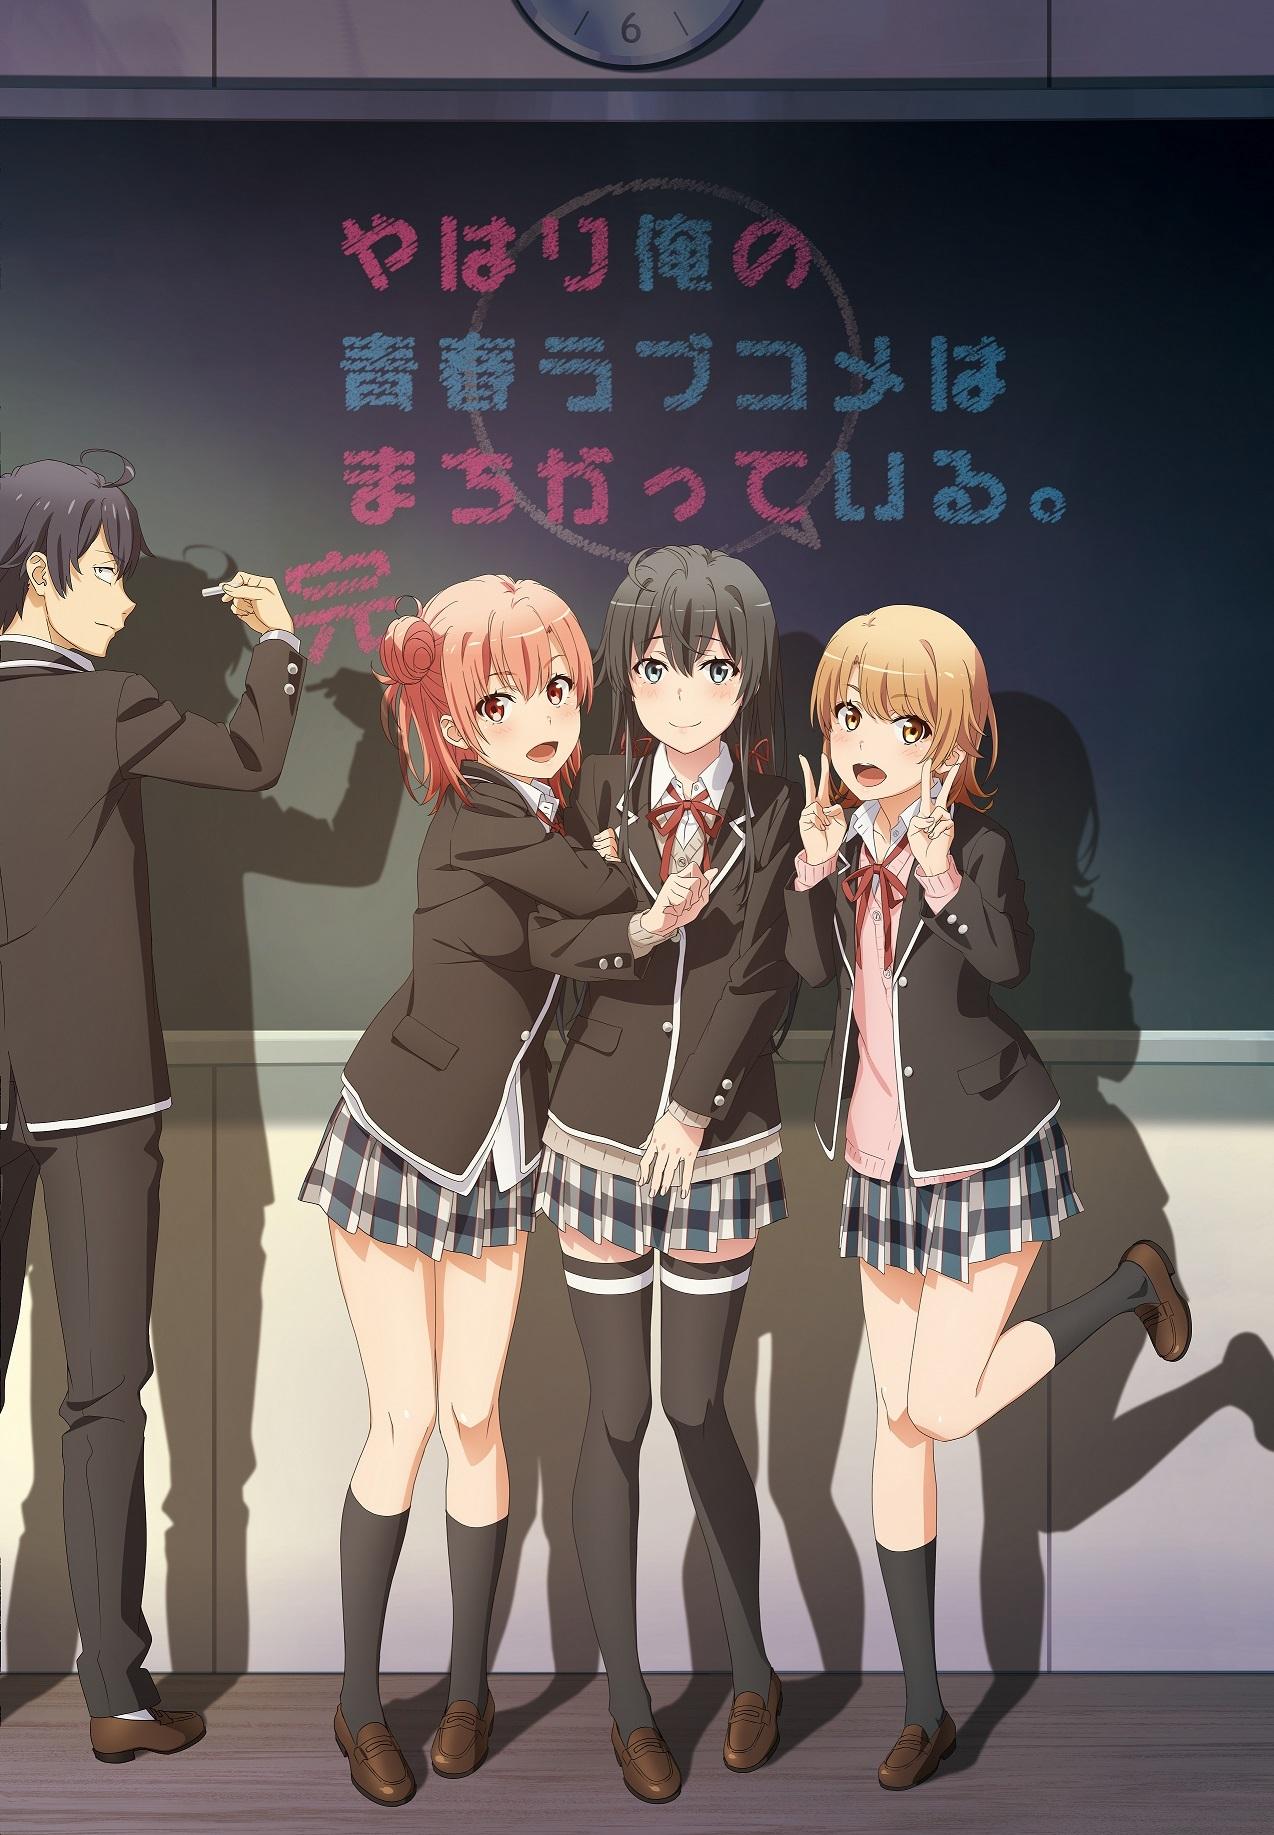 TVアニメ『やはり俺の青春ラブコメはまちがっている。完』キービジュアル (C)渡 航、 小学館/やはりこの製作委員会はまちがっている。 完